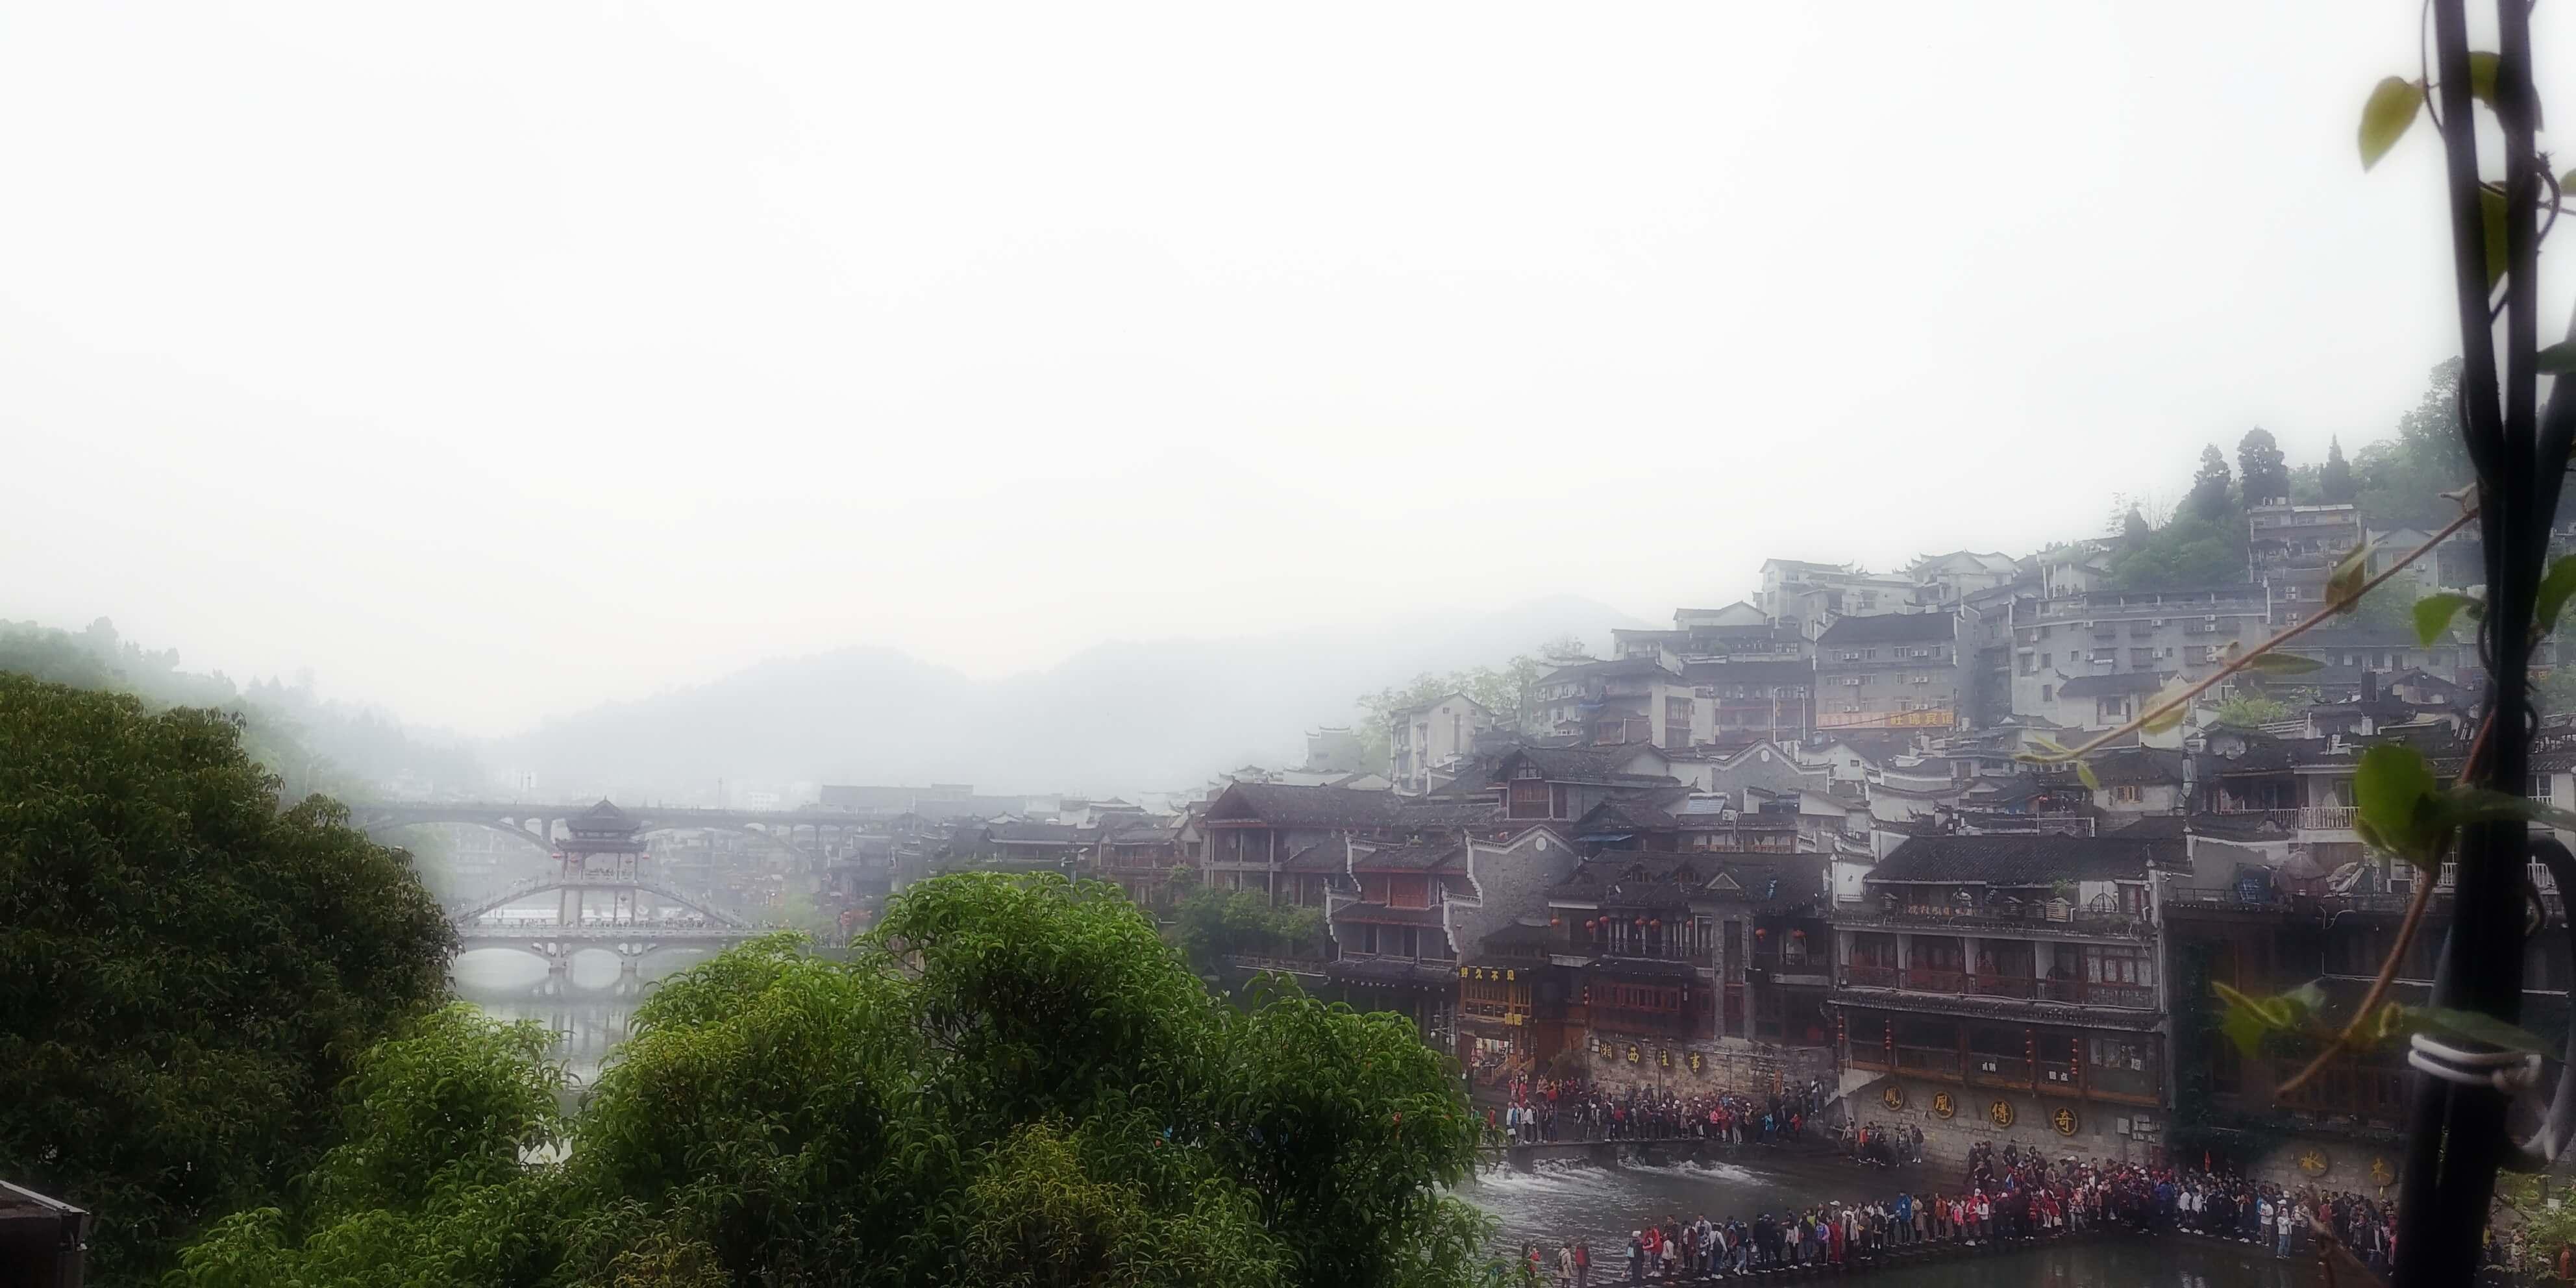 烟雨凤凰城